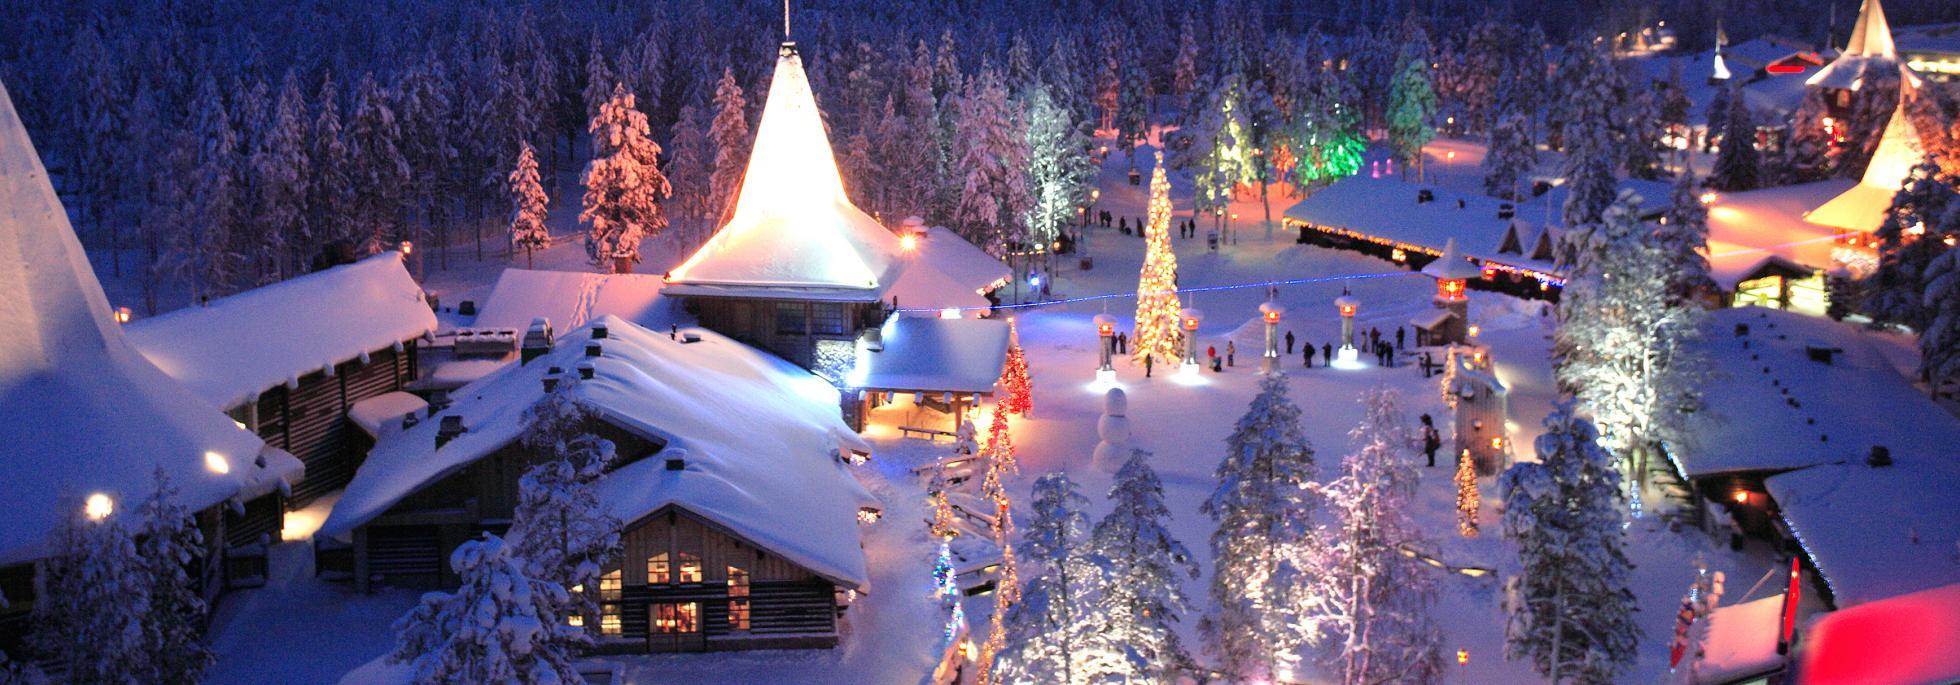 到英國留學,進入北極圈聖誕老人村冒險